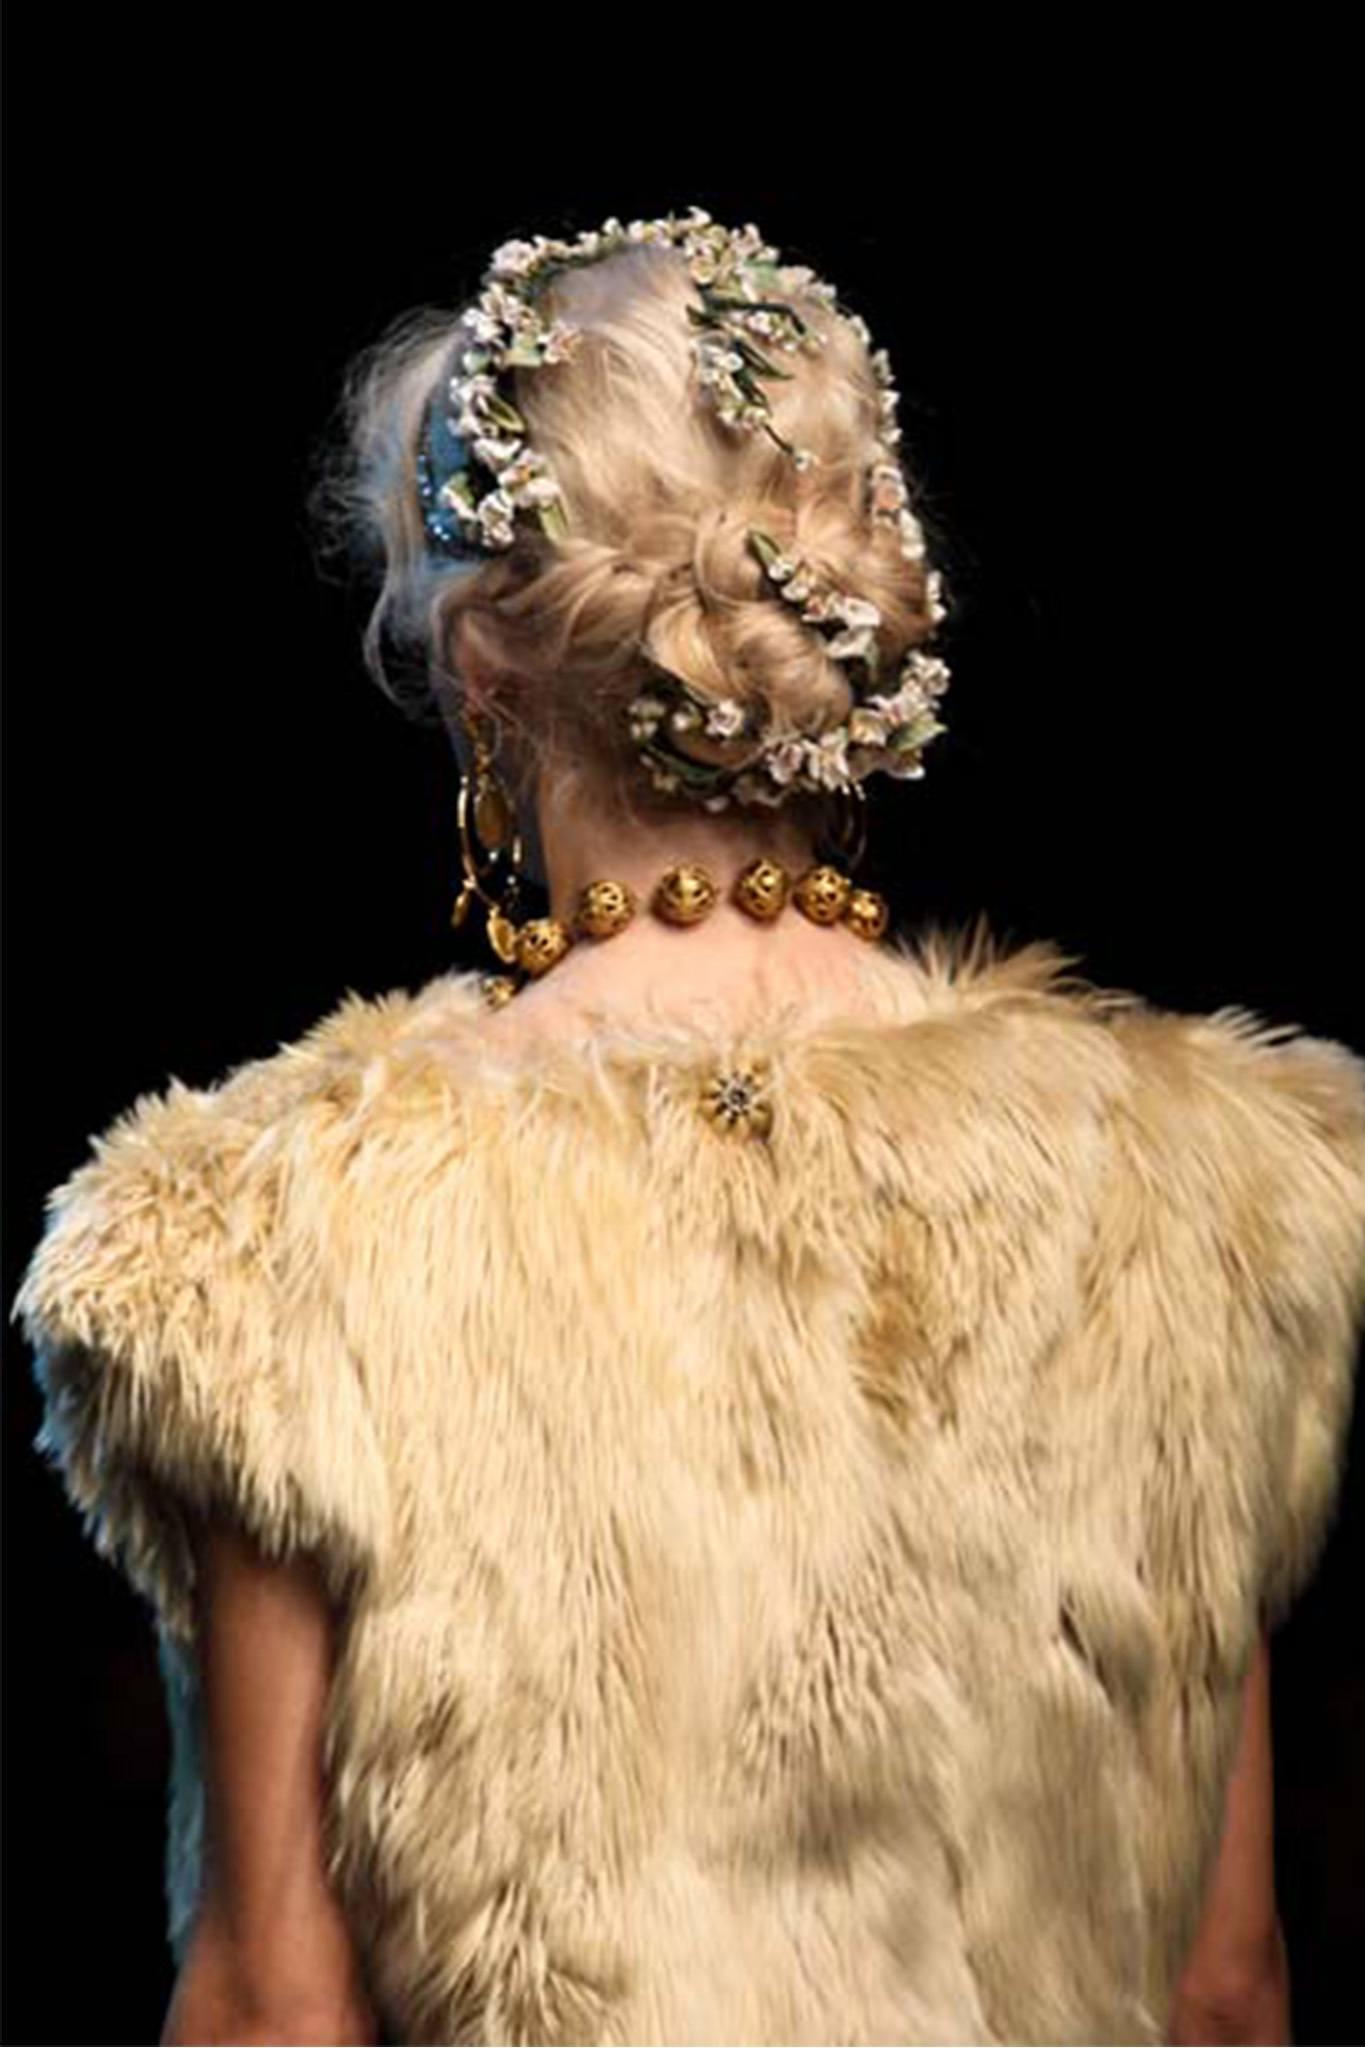 mujer rubia con peinado recogido con rulos y flores